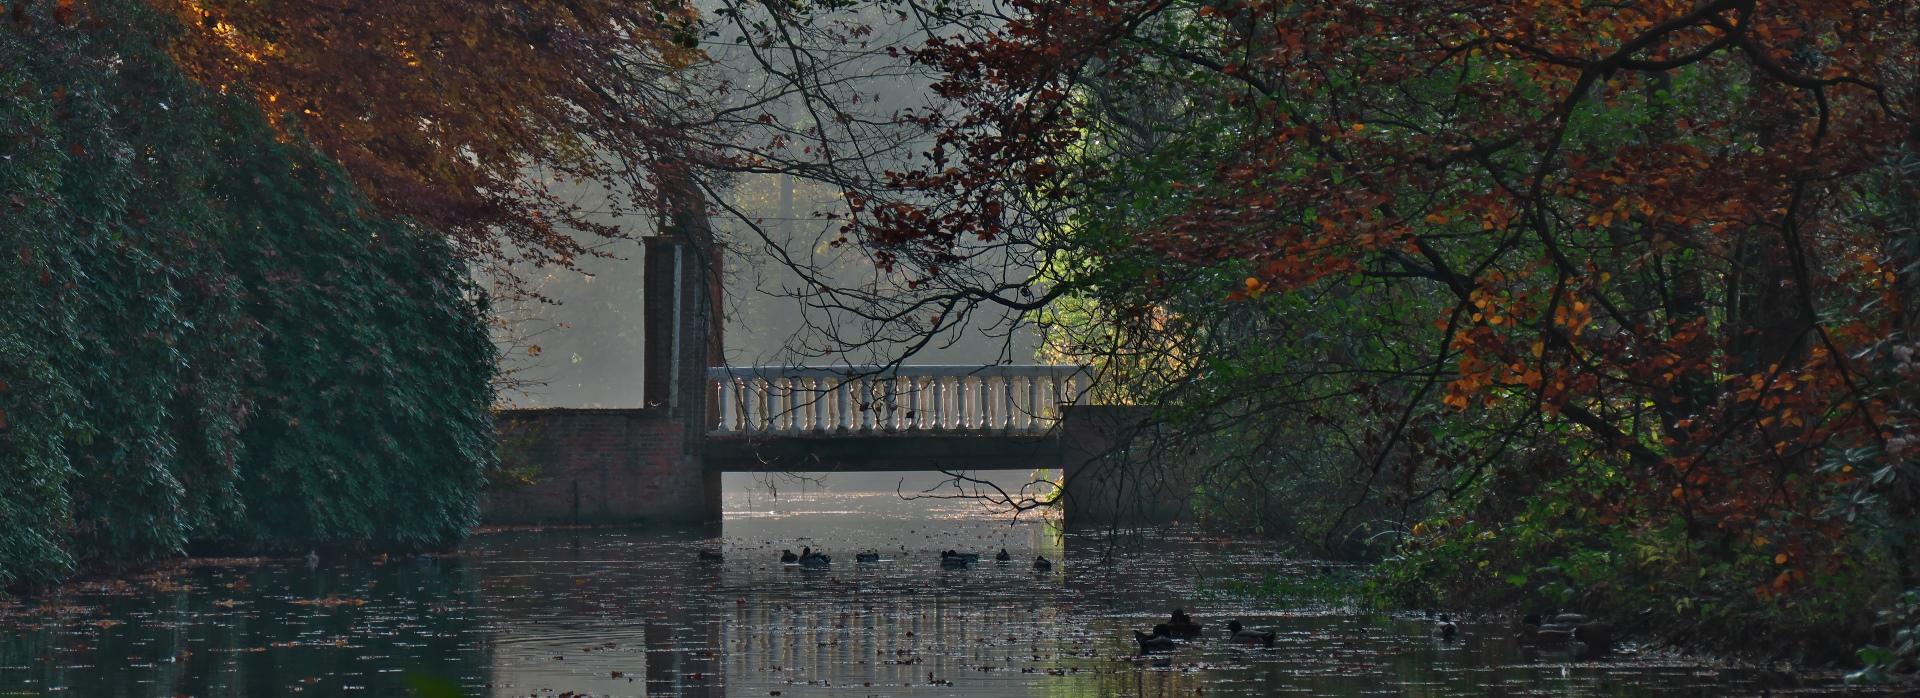 Schlossbrücke im Herbst